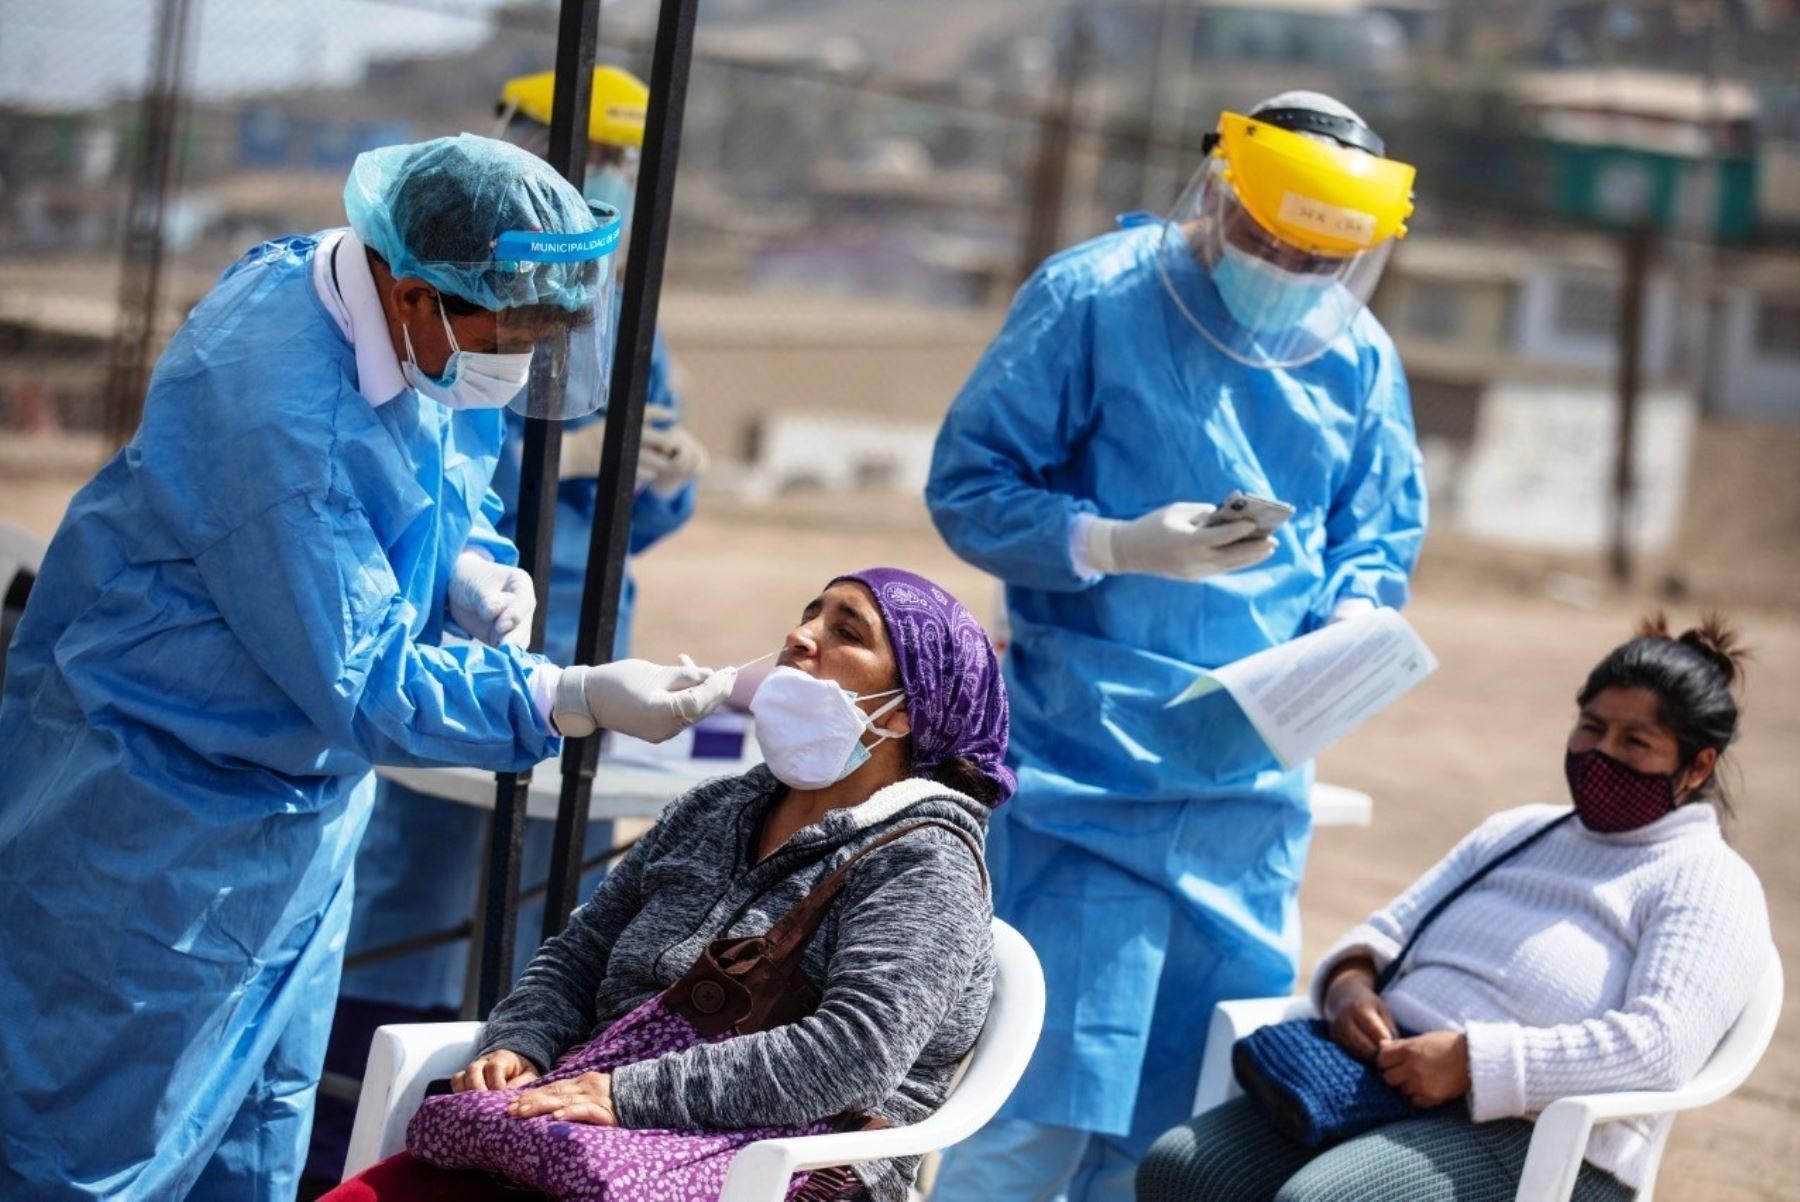 Covid-19: municipio de Lima continúa realizando campañas de despistaje gratuito. Foto: ANDINA/Difusión.